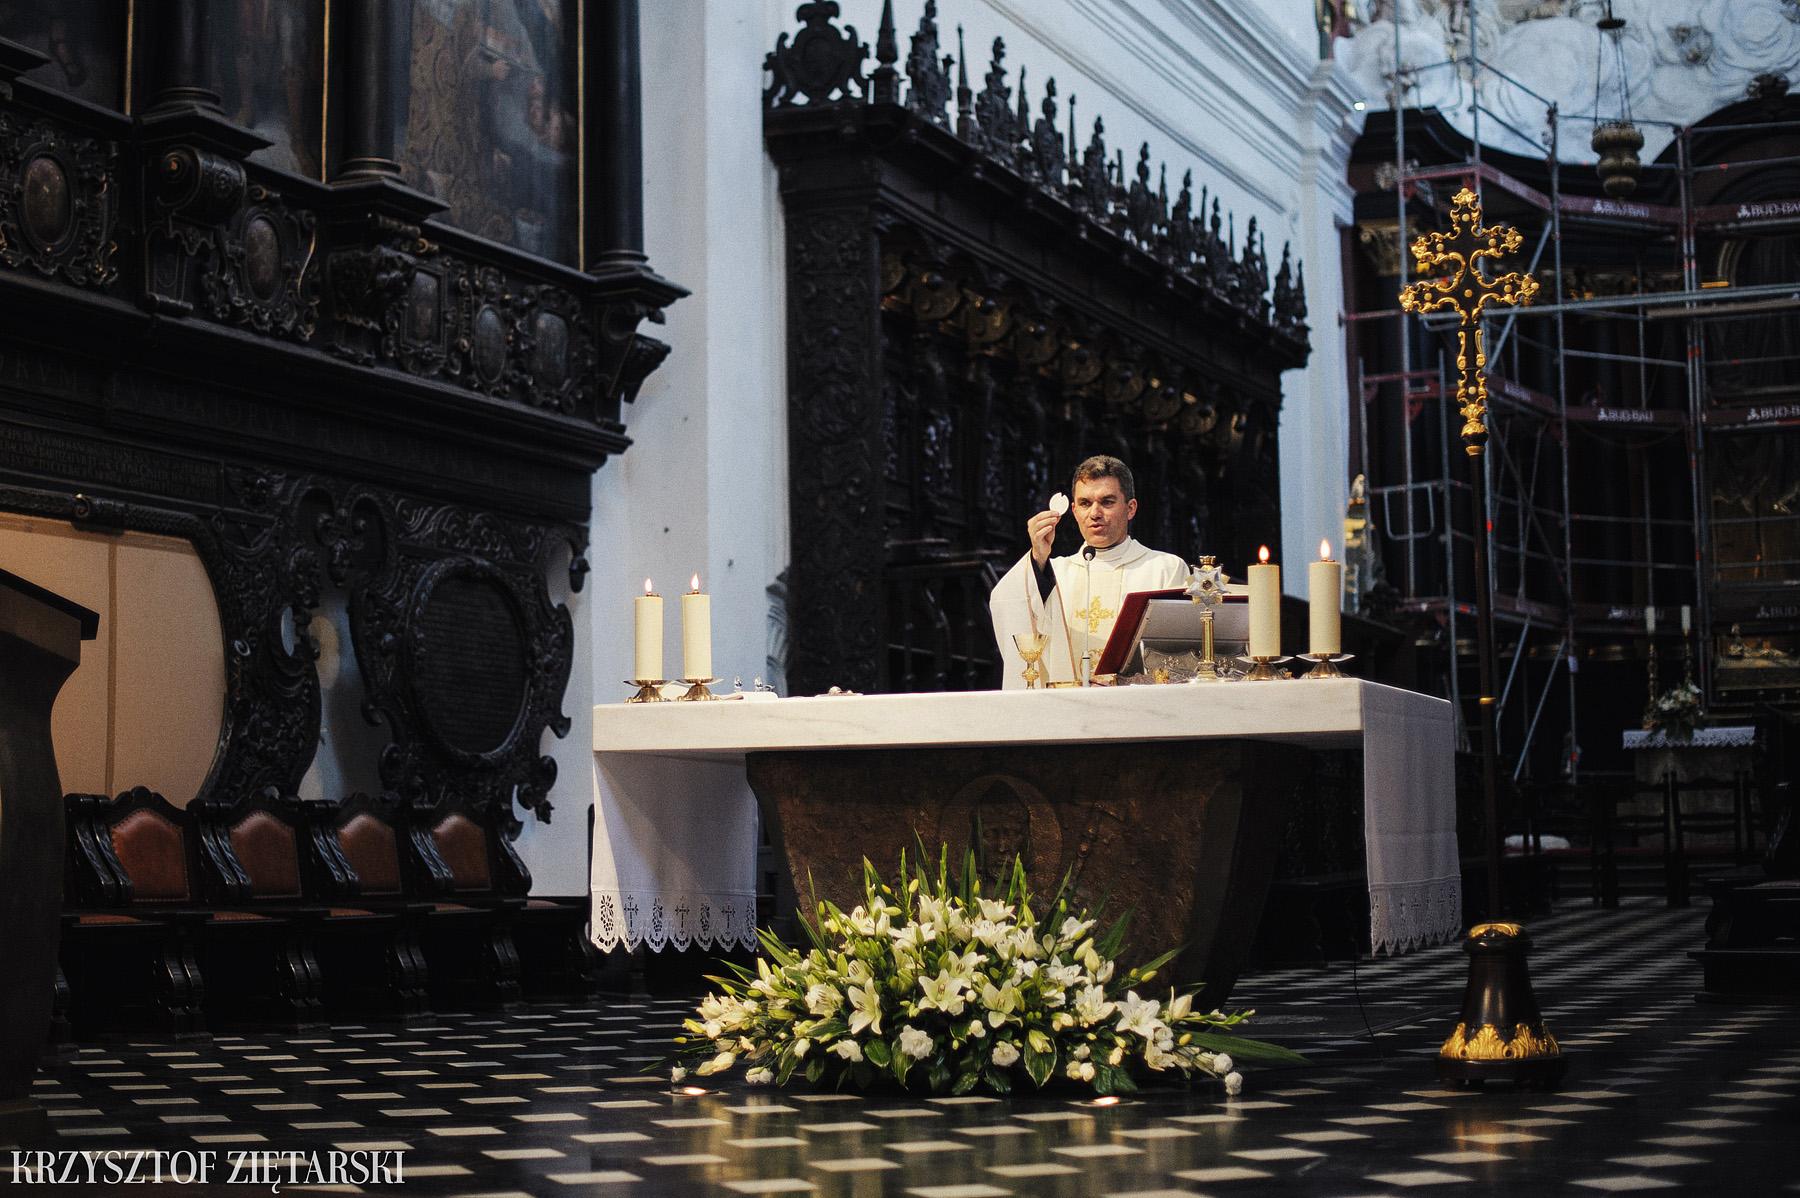 Marysia i Ollie - Fotografia ślubna Gdańsk, Katedra Oliwska, wesele Hotel Mera Sopot, plener Gdynia Orłowo - 20.